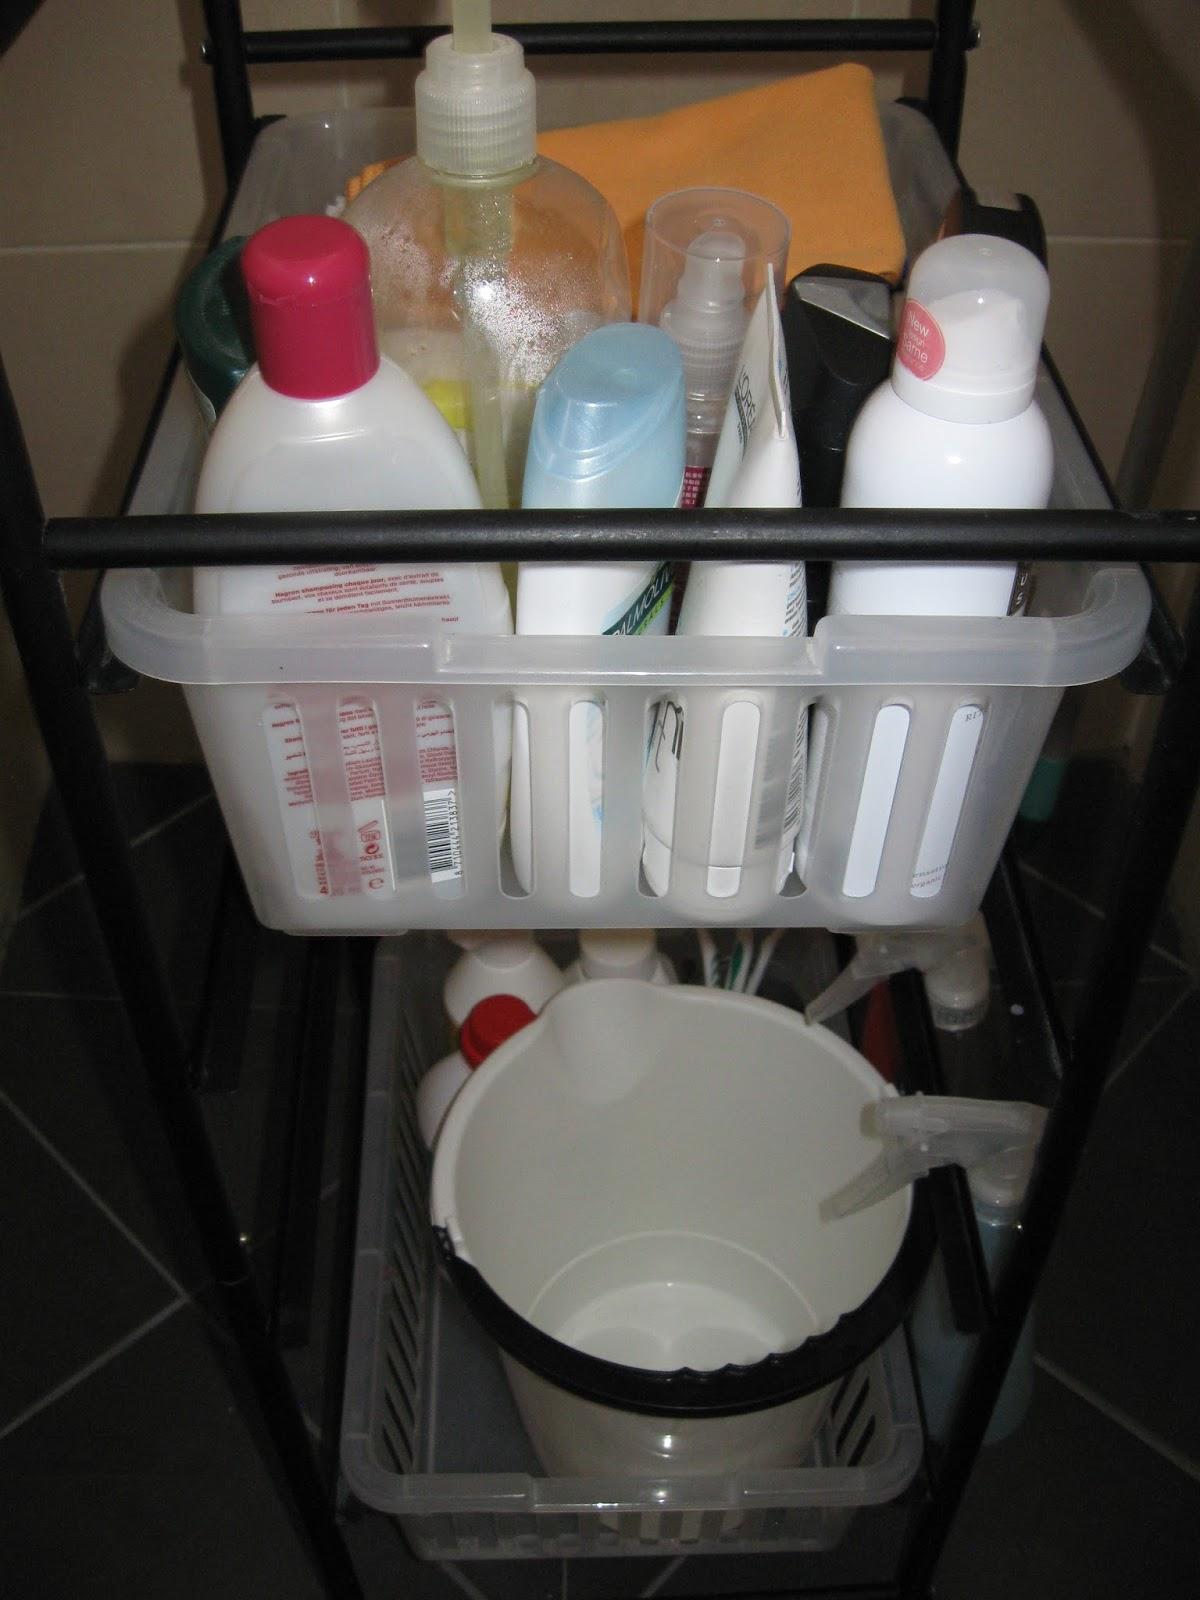 Uit het leven van alledag: Badkamer trolley organisatie